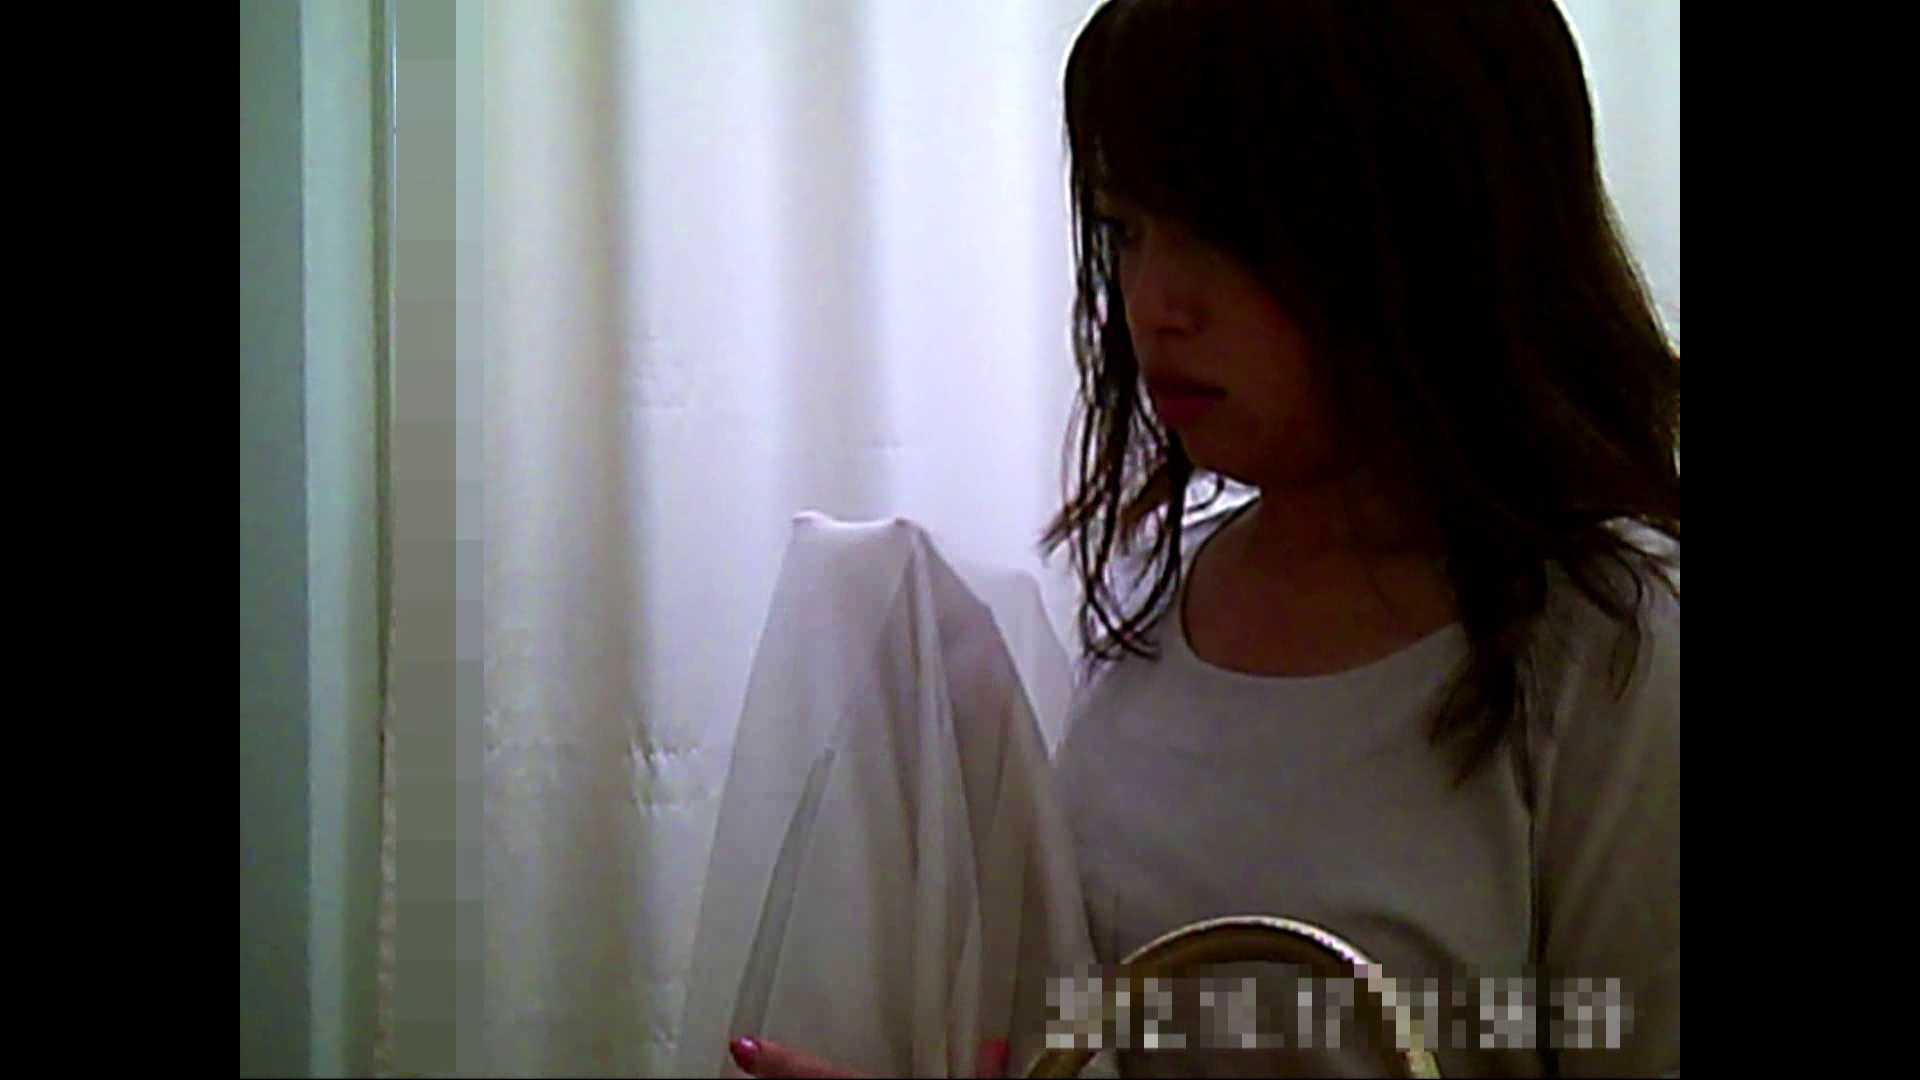 元医者による反抗 更衣室地獄絵巻 vol.055 エッチなお姉さん オメコ無修正動画無料 56画像 26